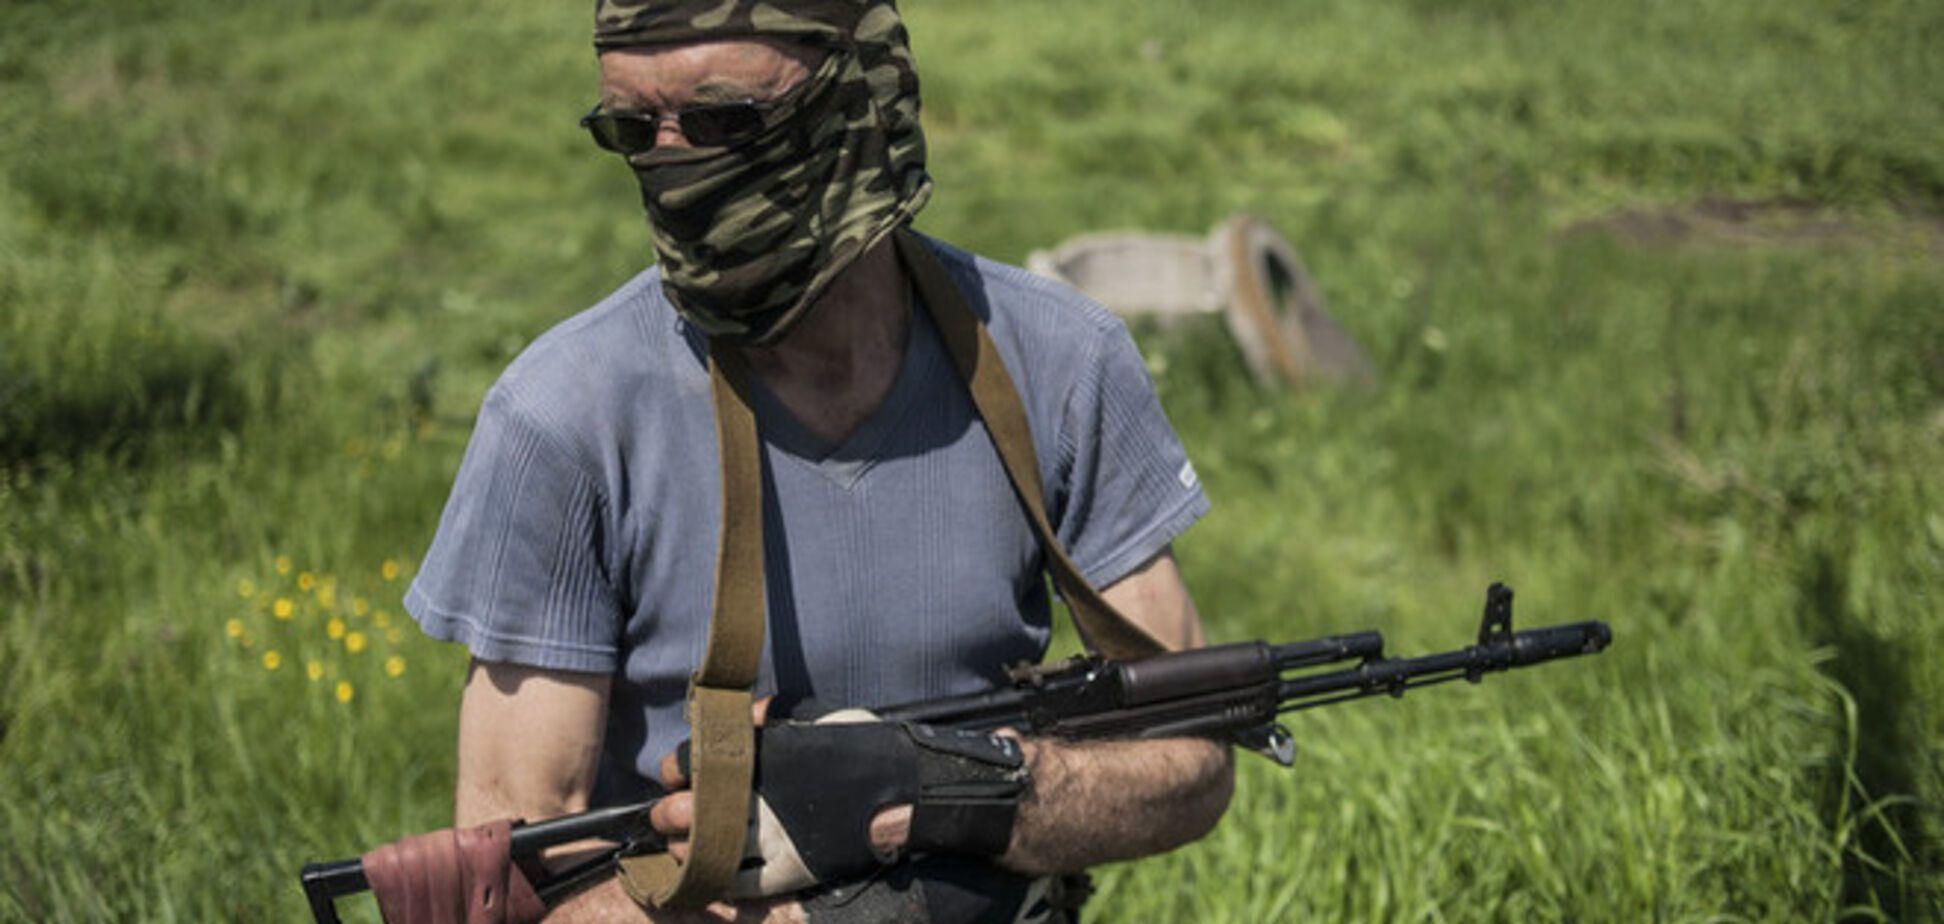 У Донецьку терористи обміняли захопленого зампрокурора на трьох своїх - ЗМІ Кремля